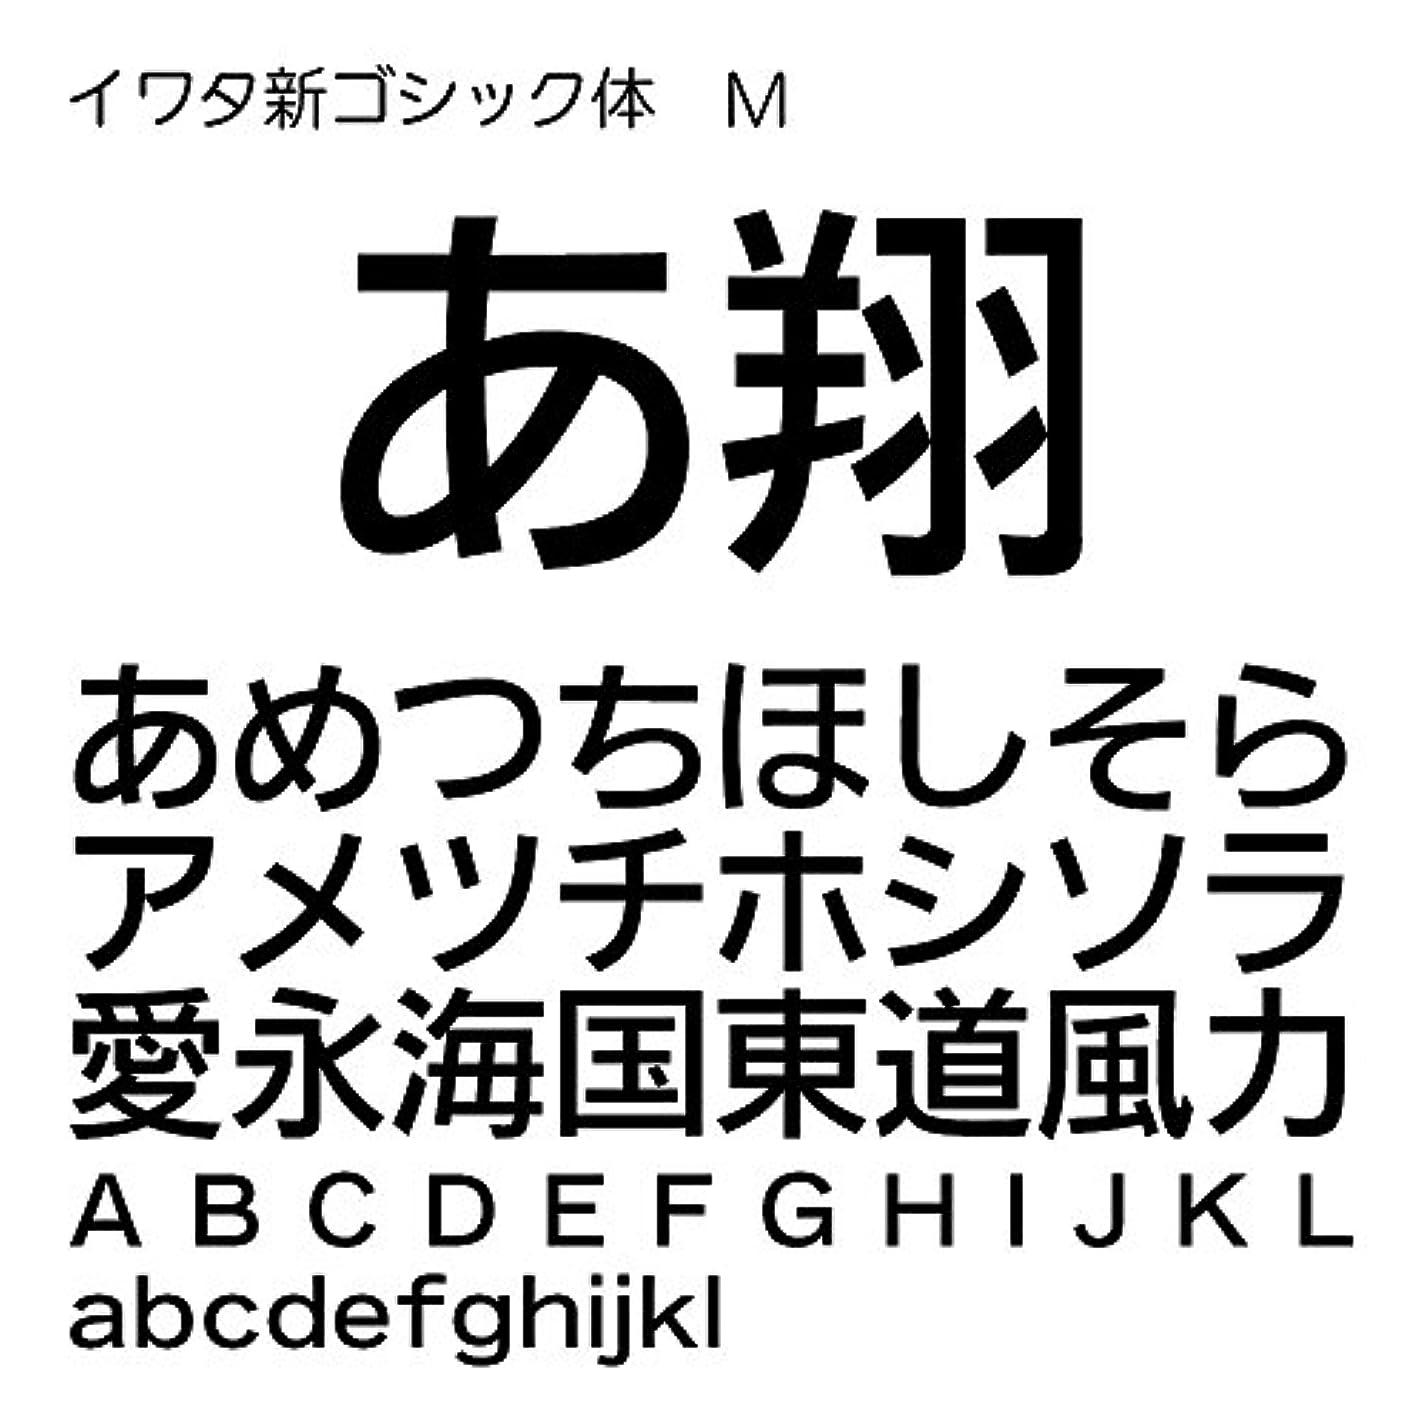 降伏工夫する故意にイワタ新ゴシック体M Std OpenType Font for Windows [ダウンロード]